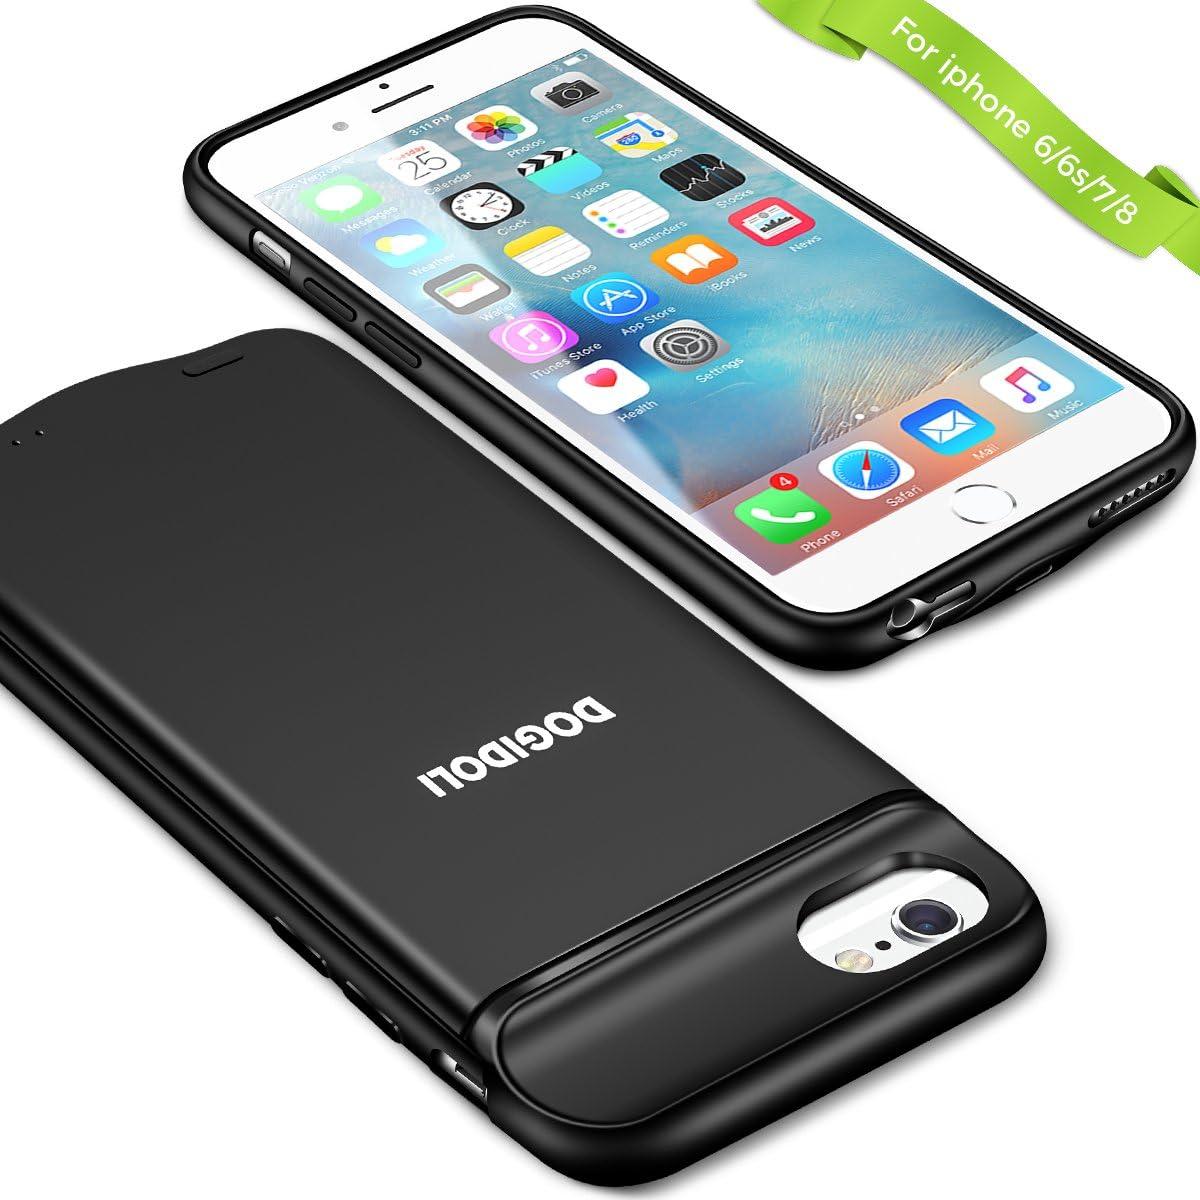 Custodia con batteria da 3000mAh per iPhone 6 / 6S a meno di 20